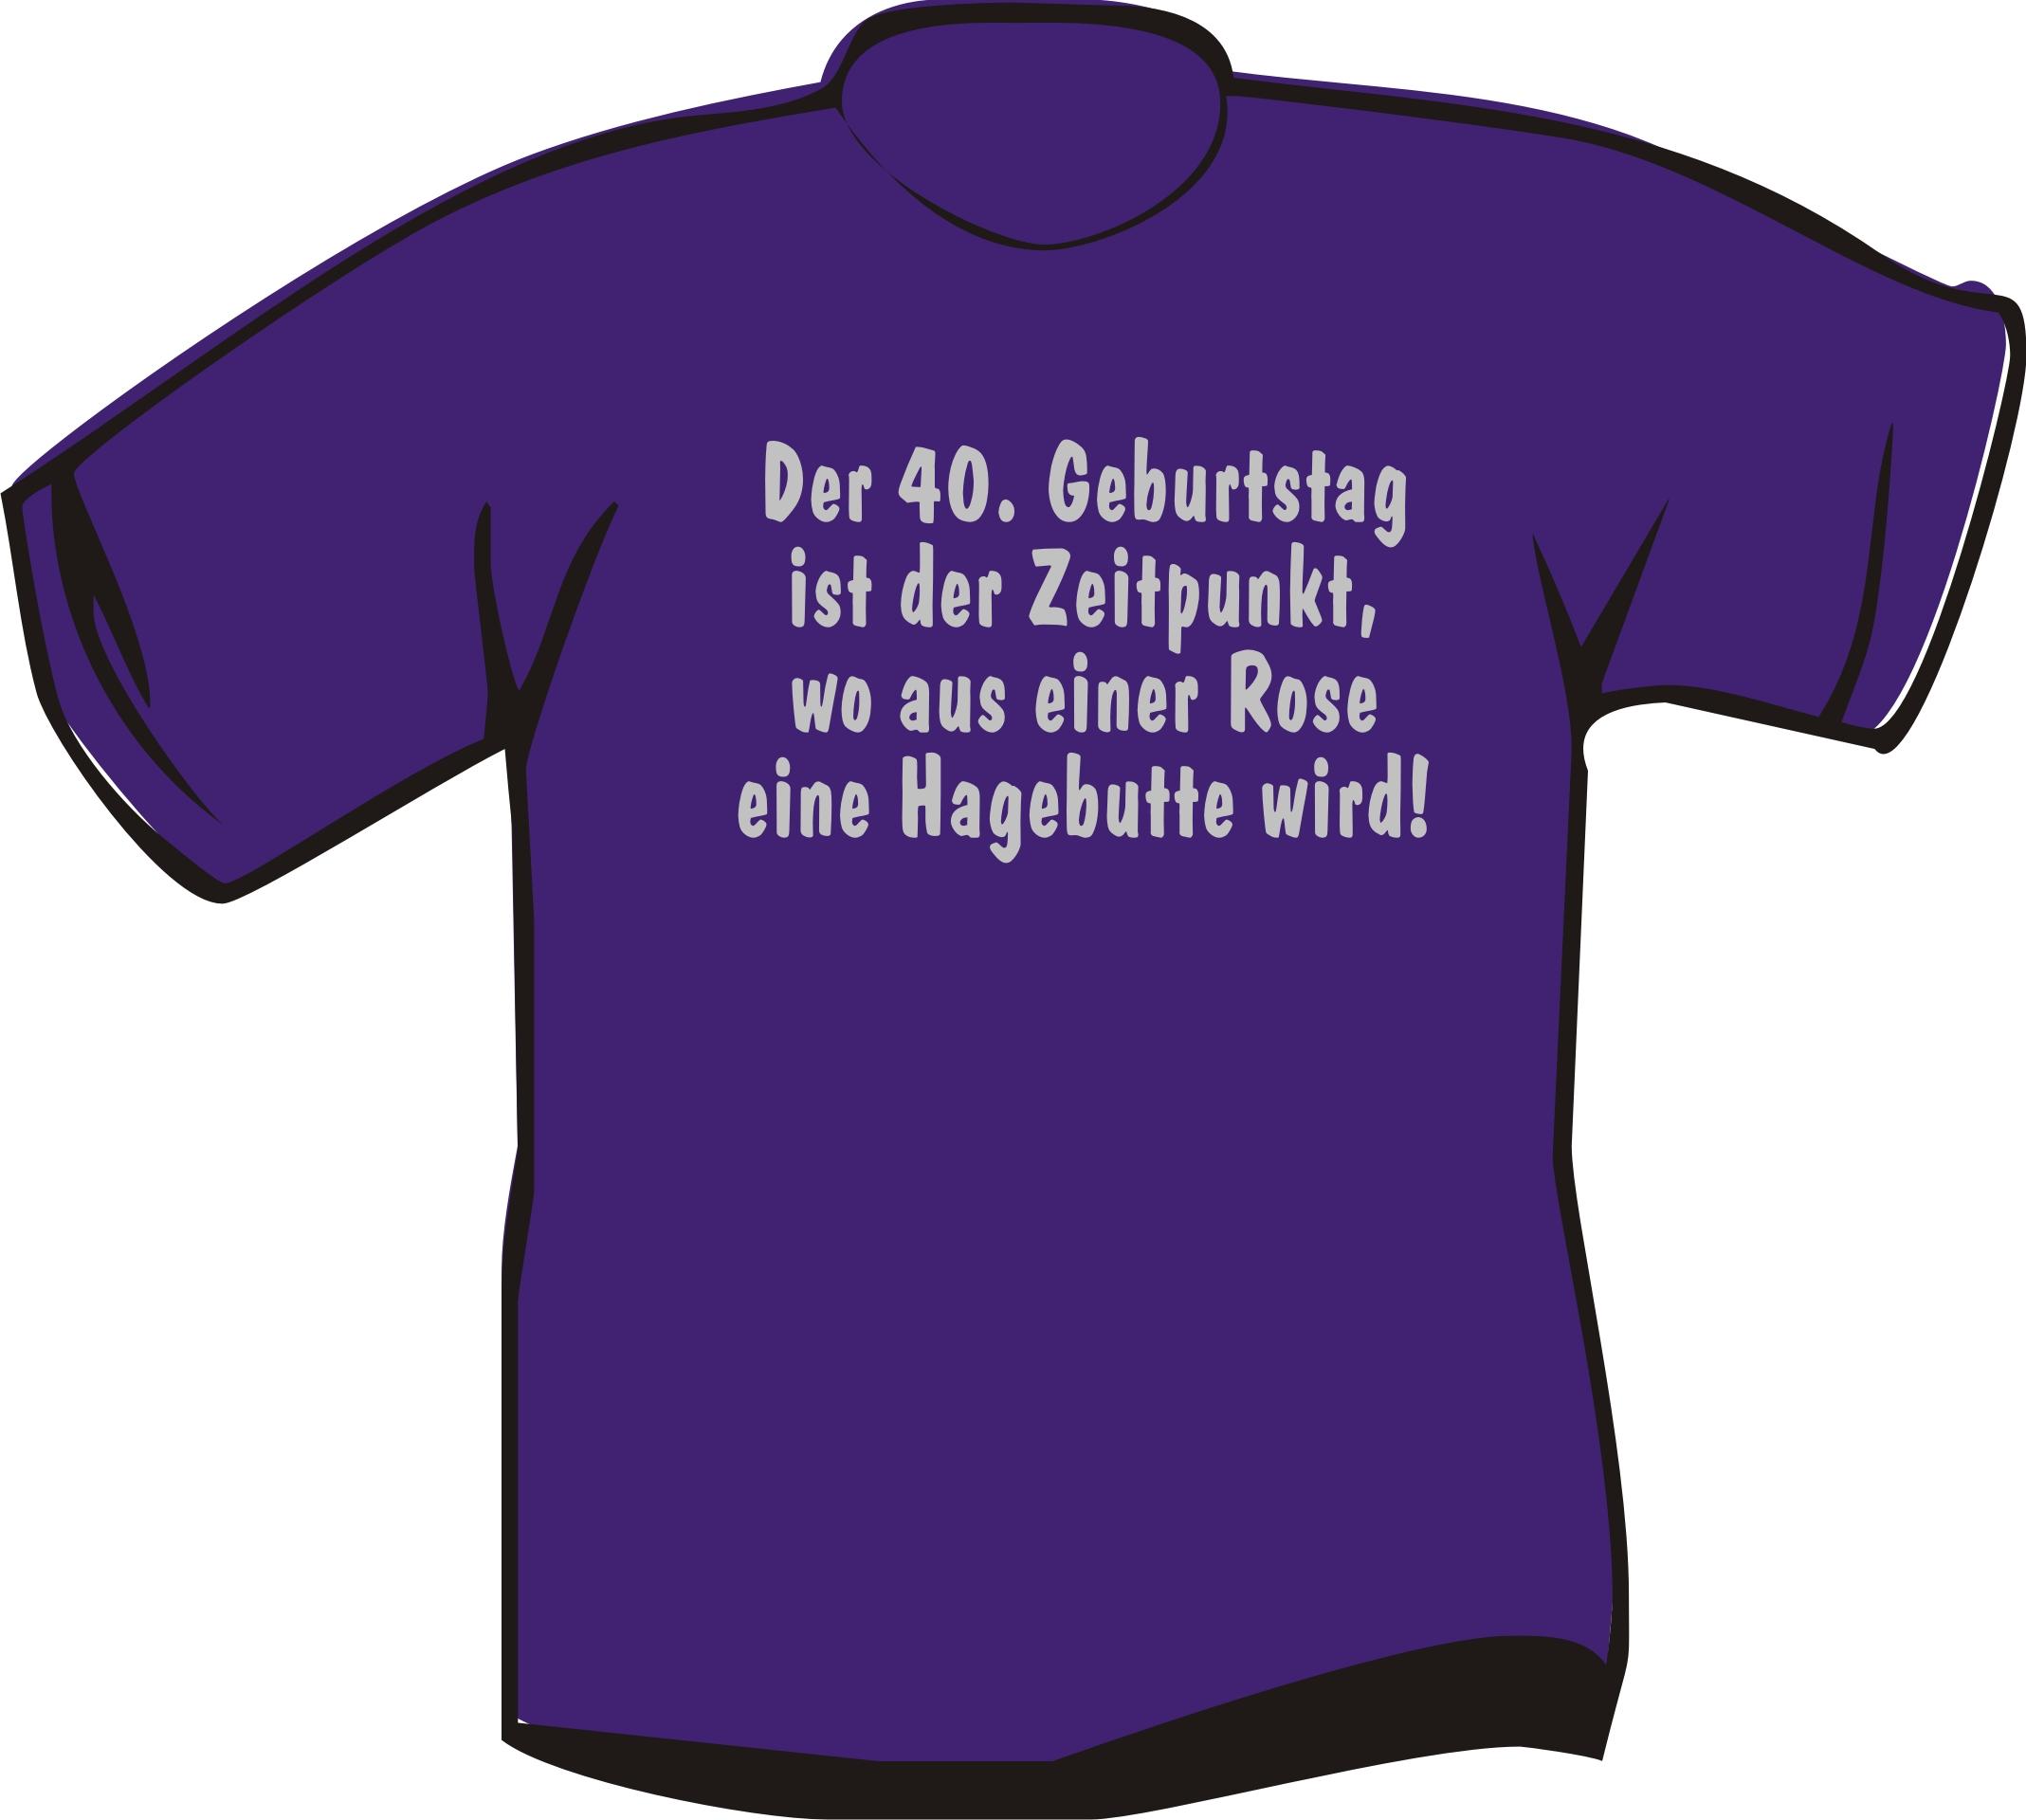 T Shirt Der 40 Geburtstag Ist Der Zeitpunkt Wo Aus Einer Rose Eine